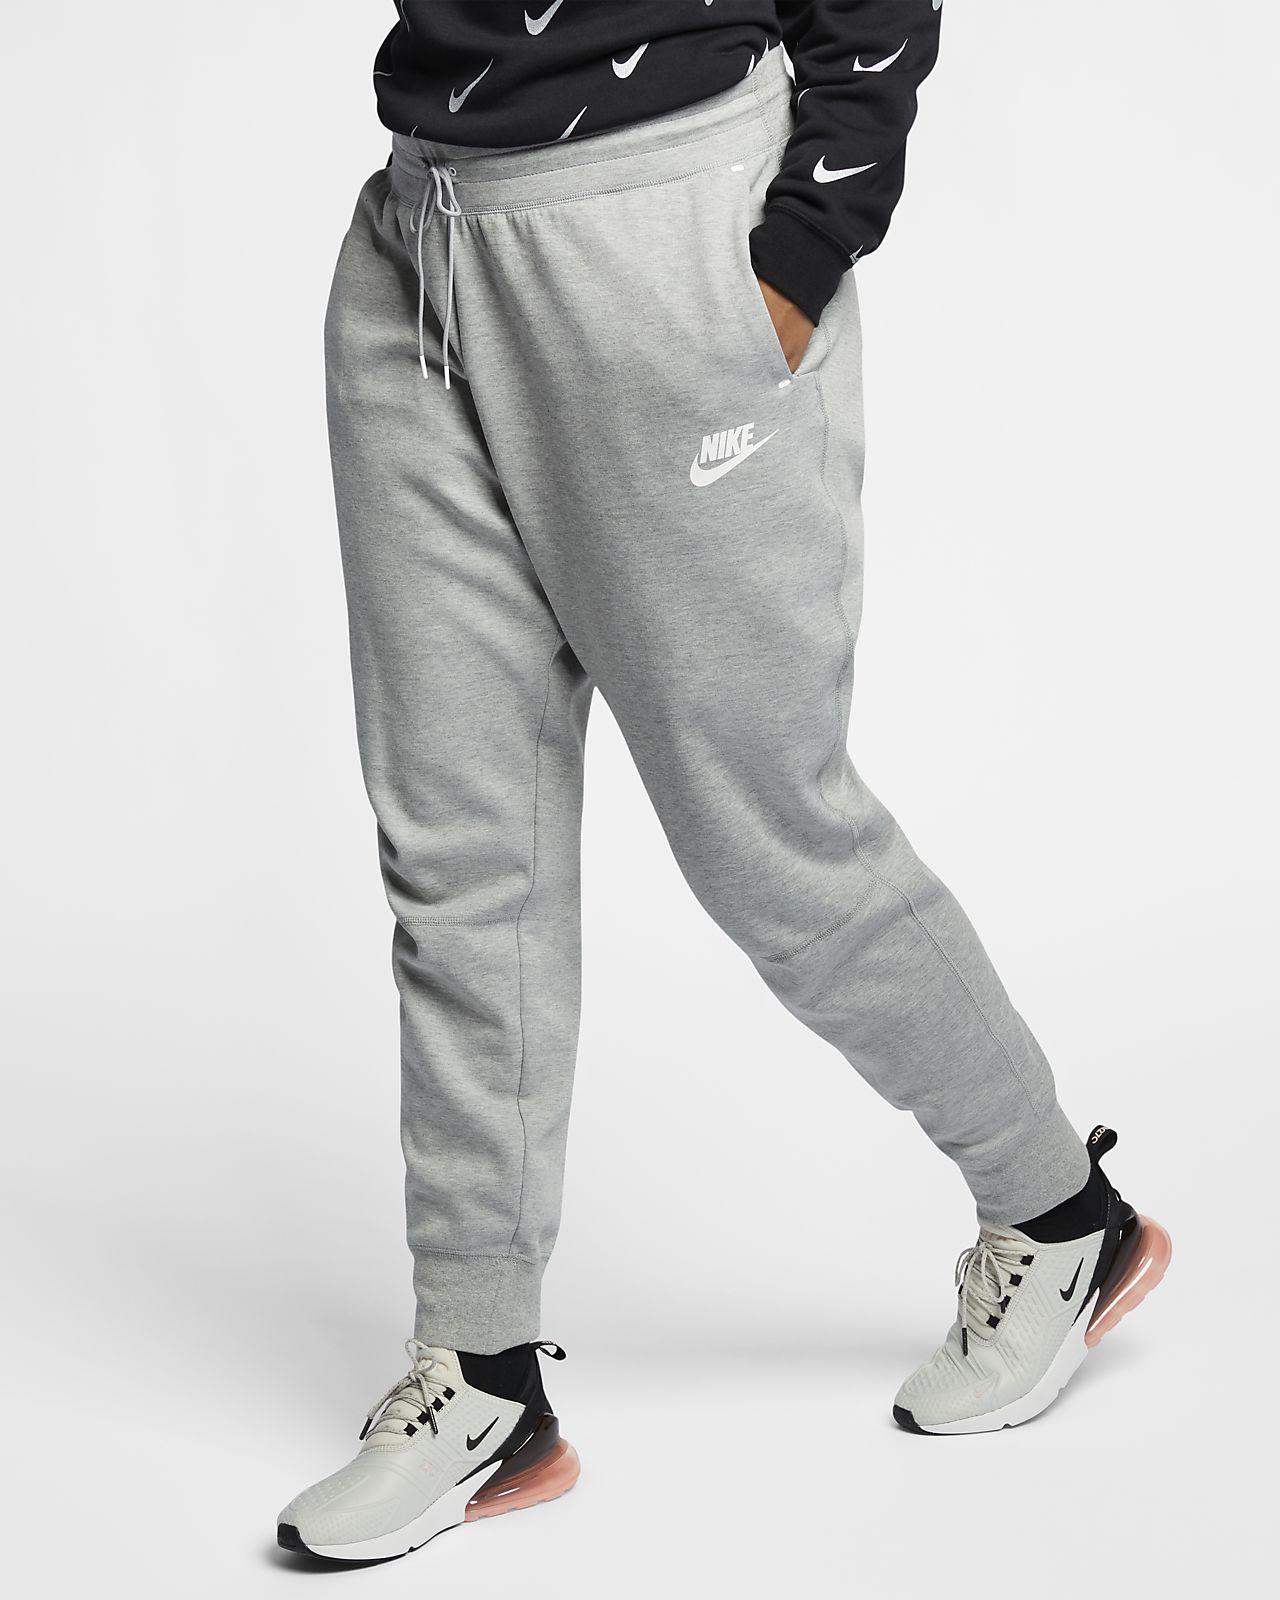 Nike Sportswear Tech Fleece Pantalón (Talla grande) - Mujer